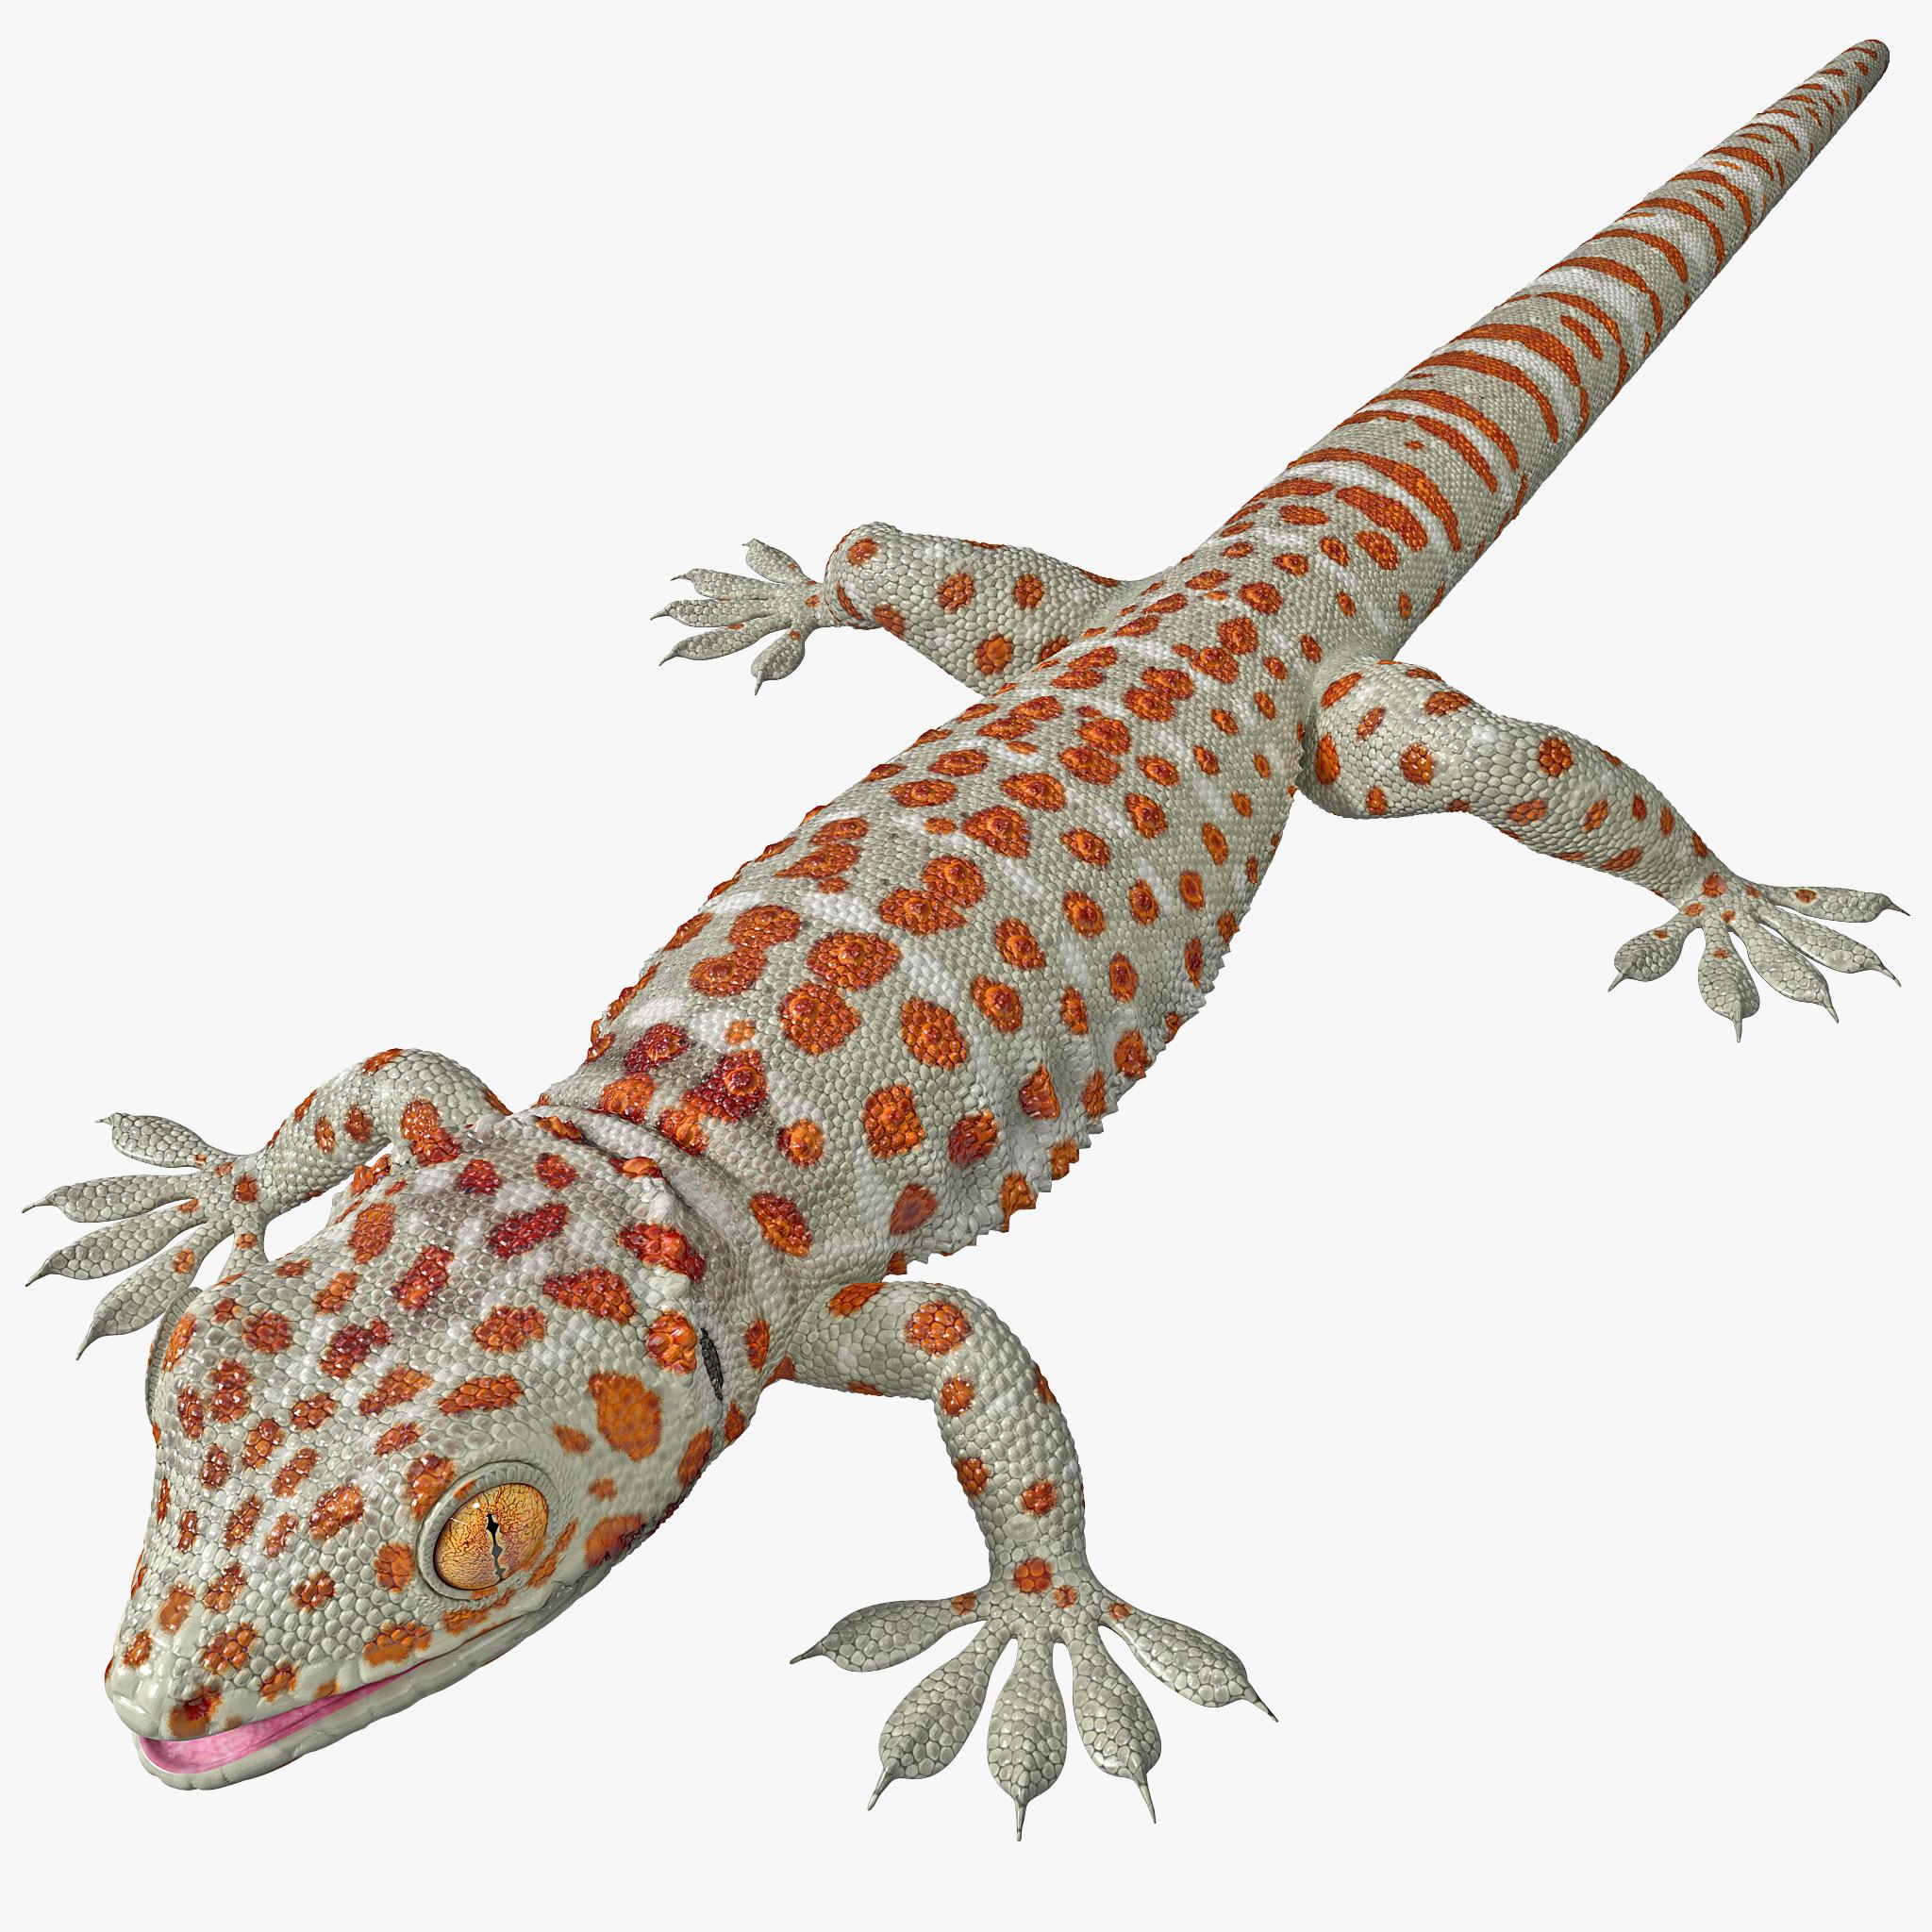 Gecko_1.jpg